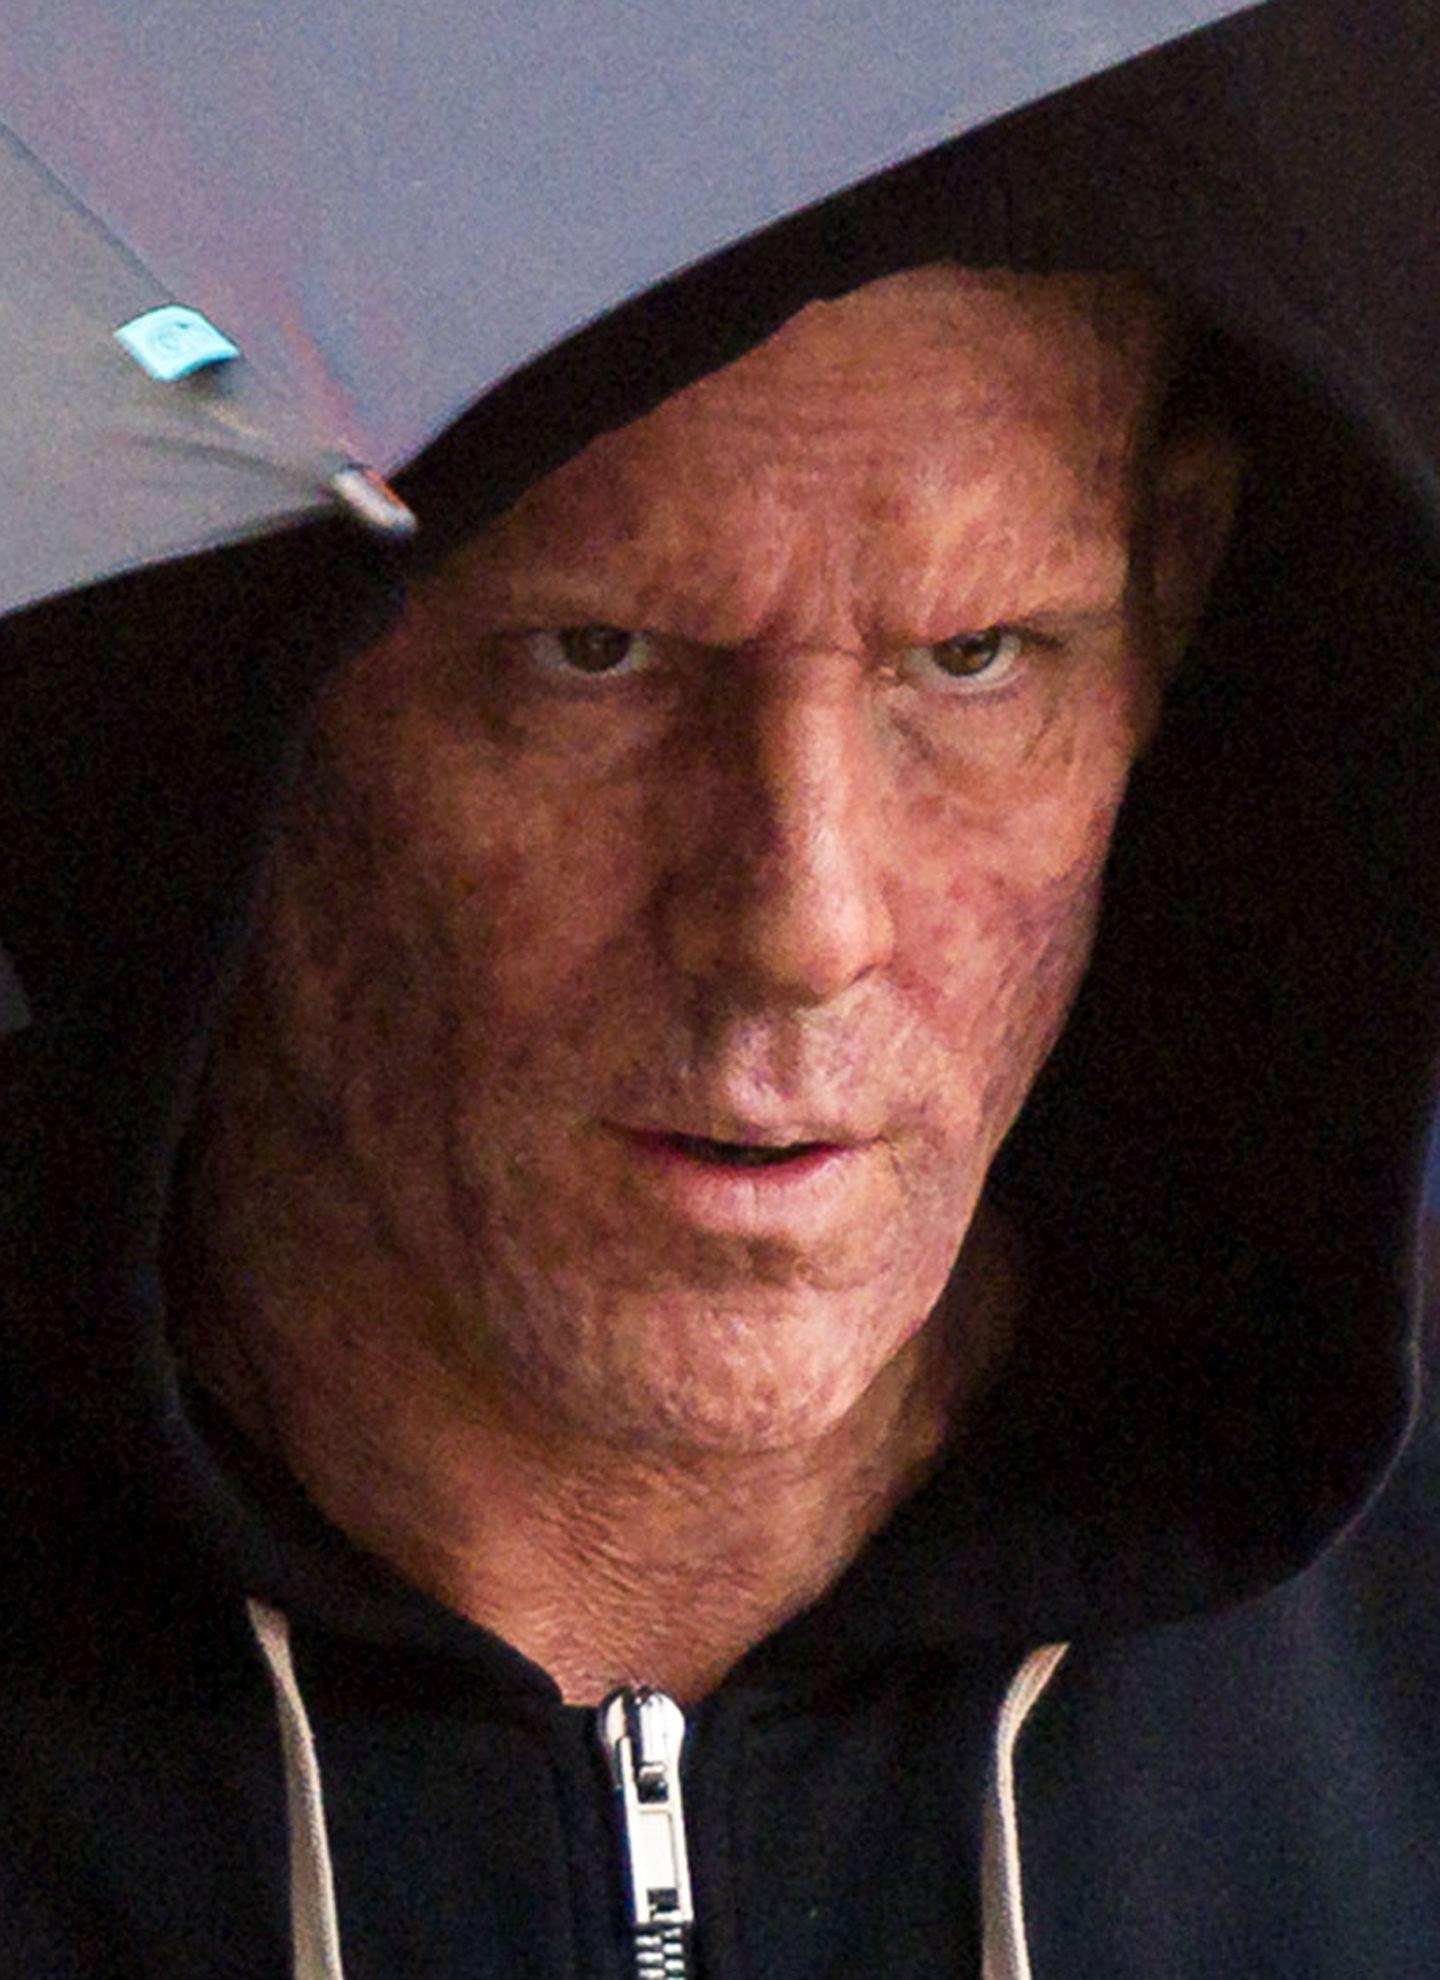 """Hätten Sie ihn erkannt? Ryan Reynolds, der die Rolle des """"Deadpool"""" übernommen hat, kann bei Dreharbeiten in Vancouver nicht verbergen, wie gruselig verbrannt es unter der Maske des Marvel-Superhelden aussieht. Eine Meisterleistung der Maskenbildner."""